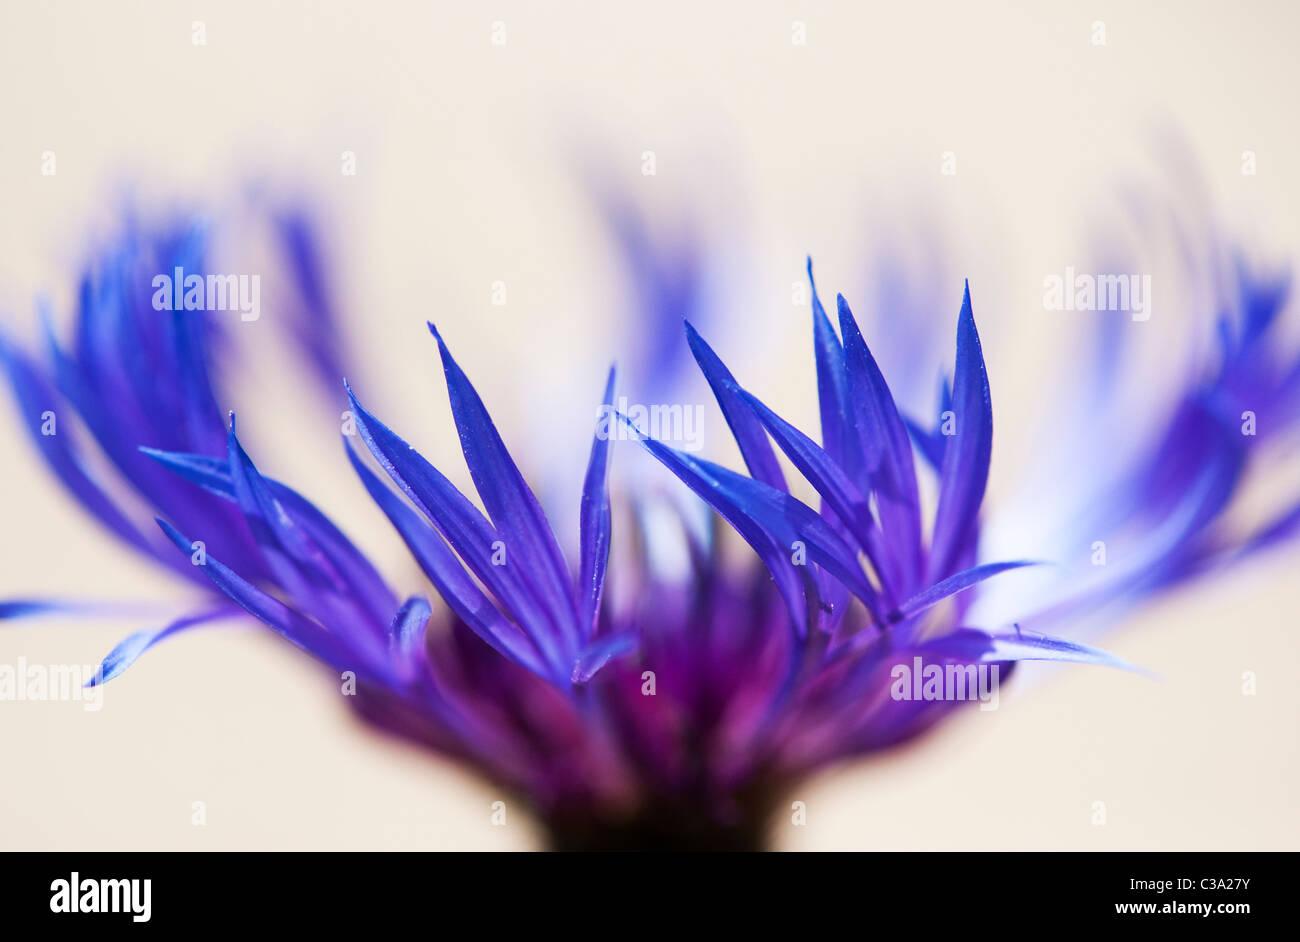 Centaurea montana. Bleuet vivace, la montagne, la centaurée bluet, centaurée de montagne sur fond clair. Photo Stock